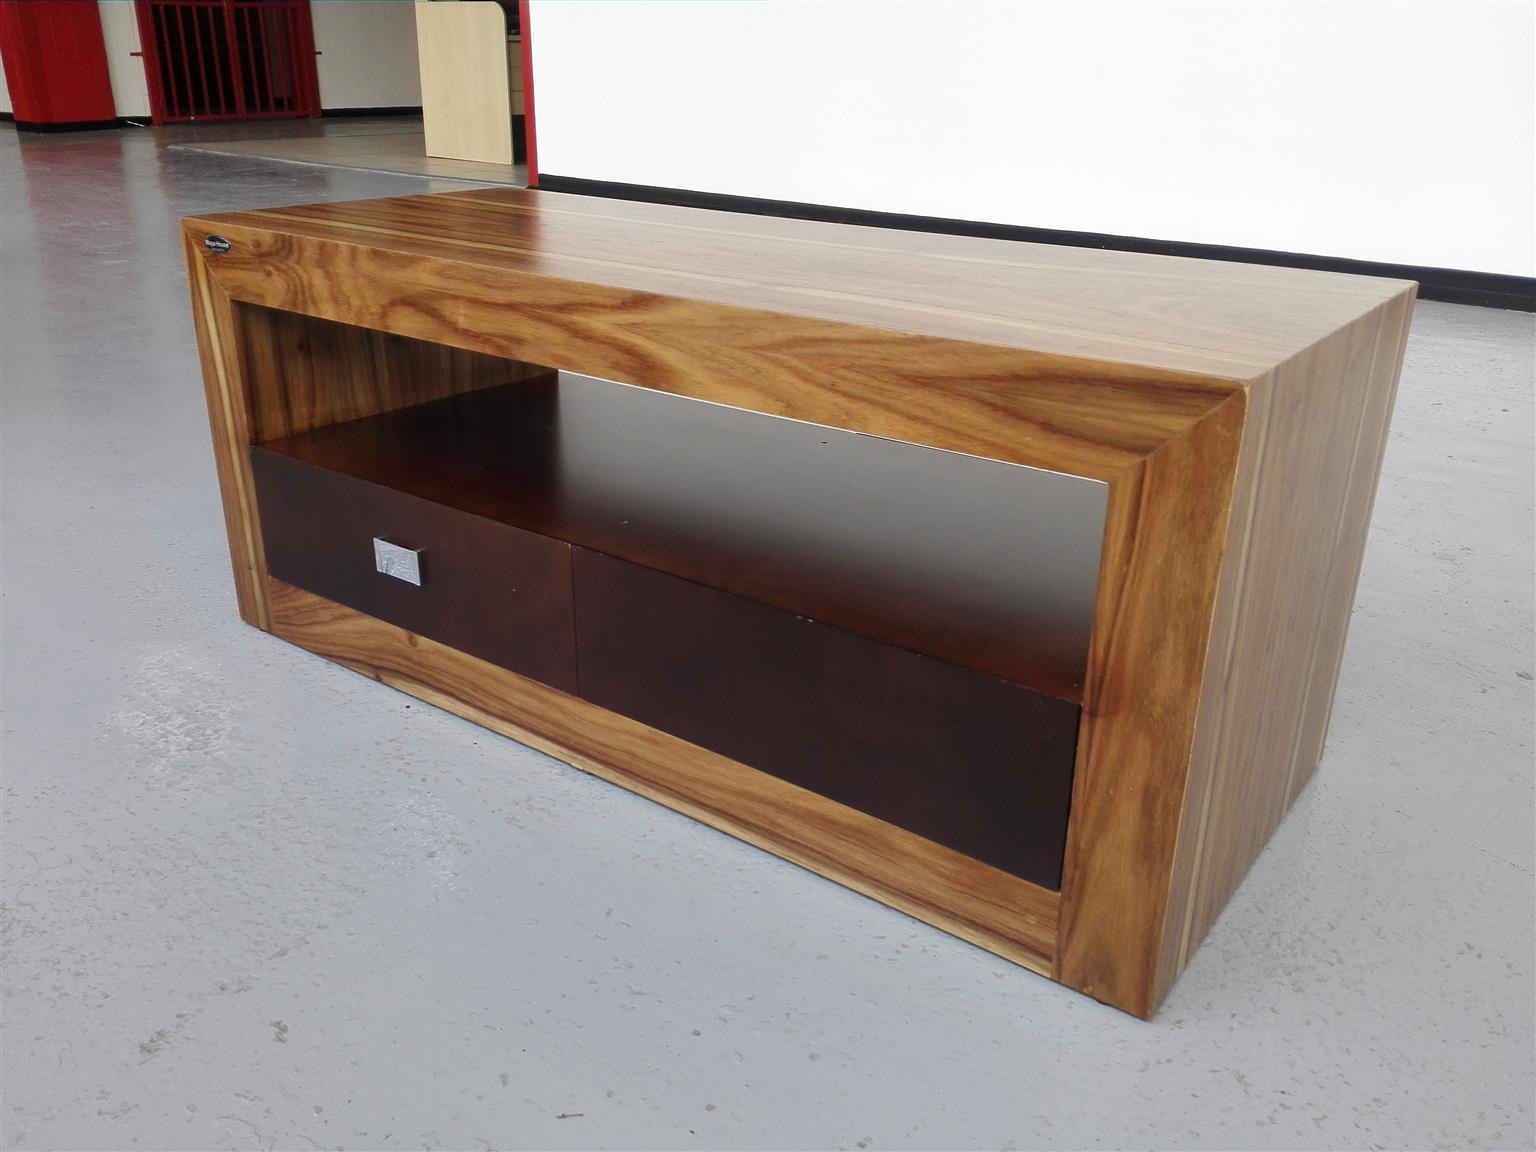 Supa kiaat coffee table